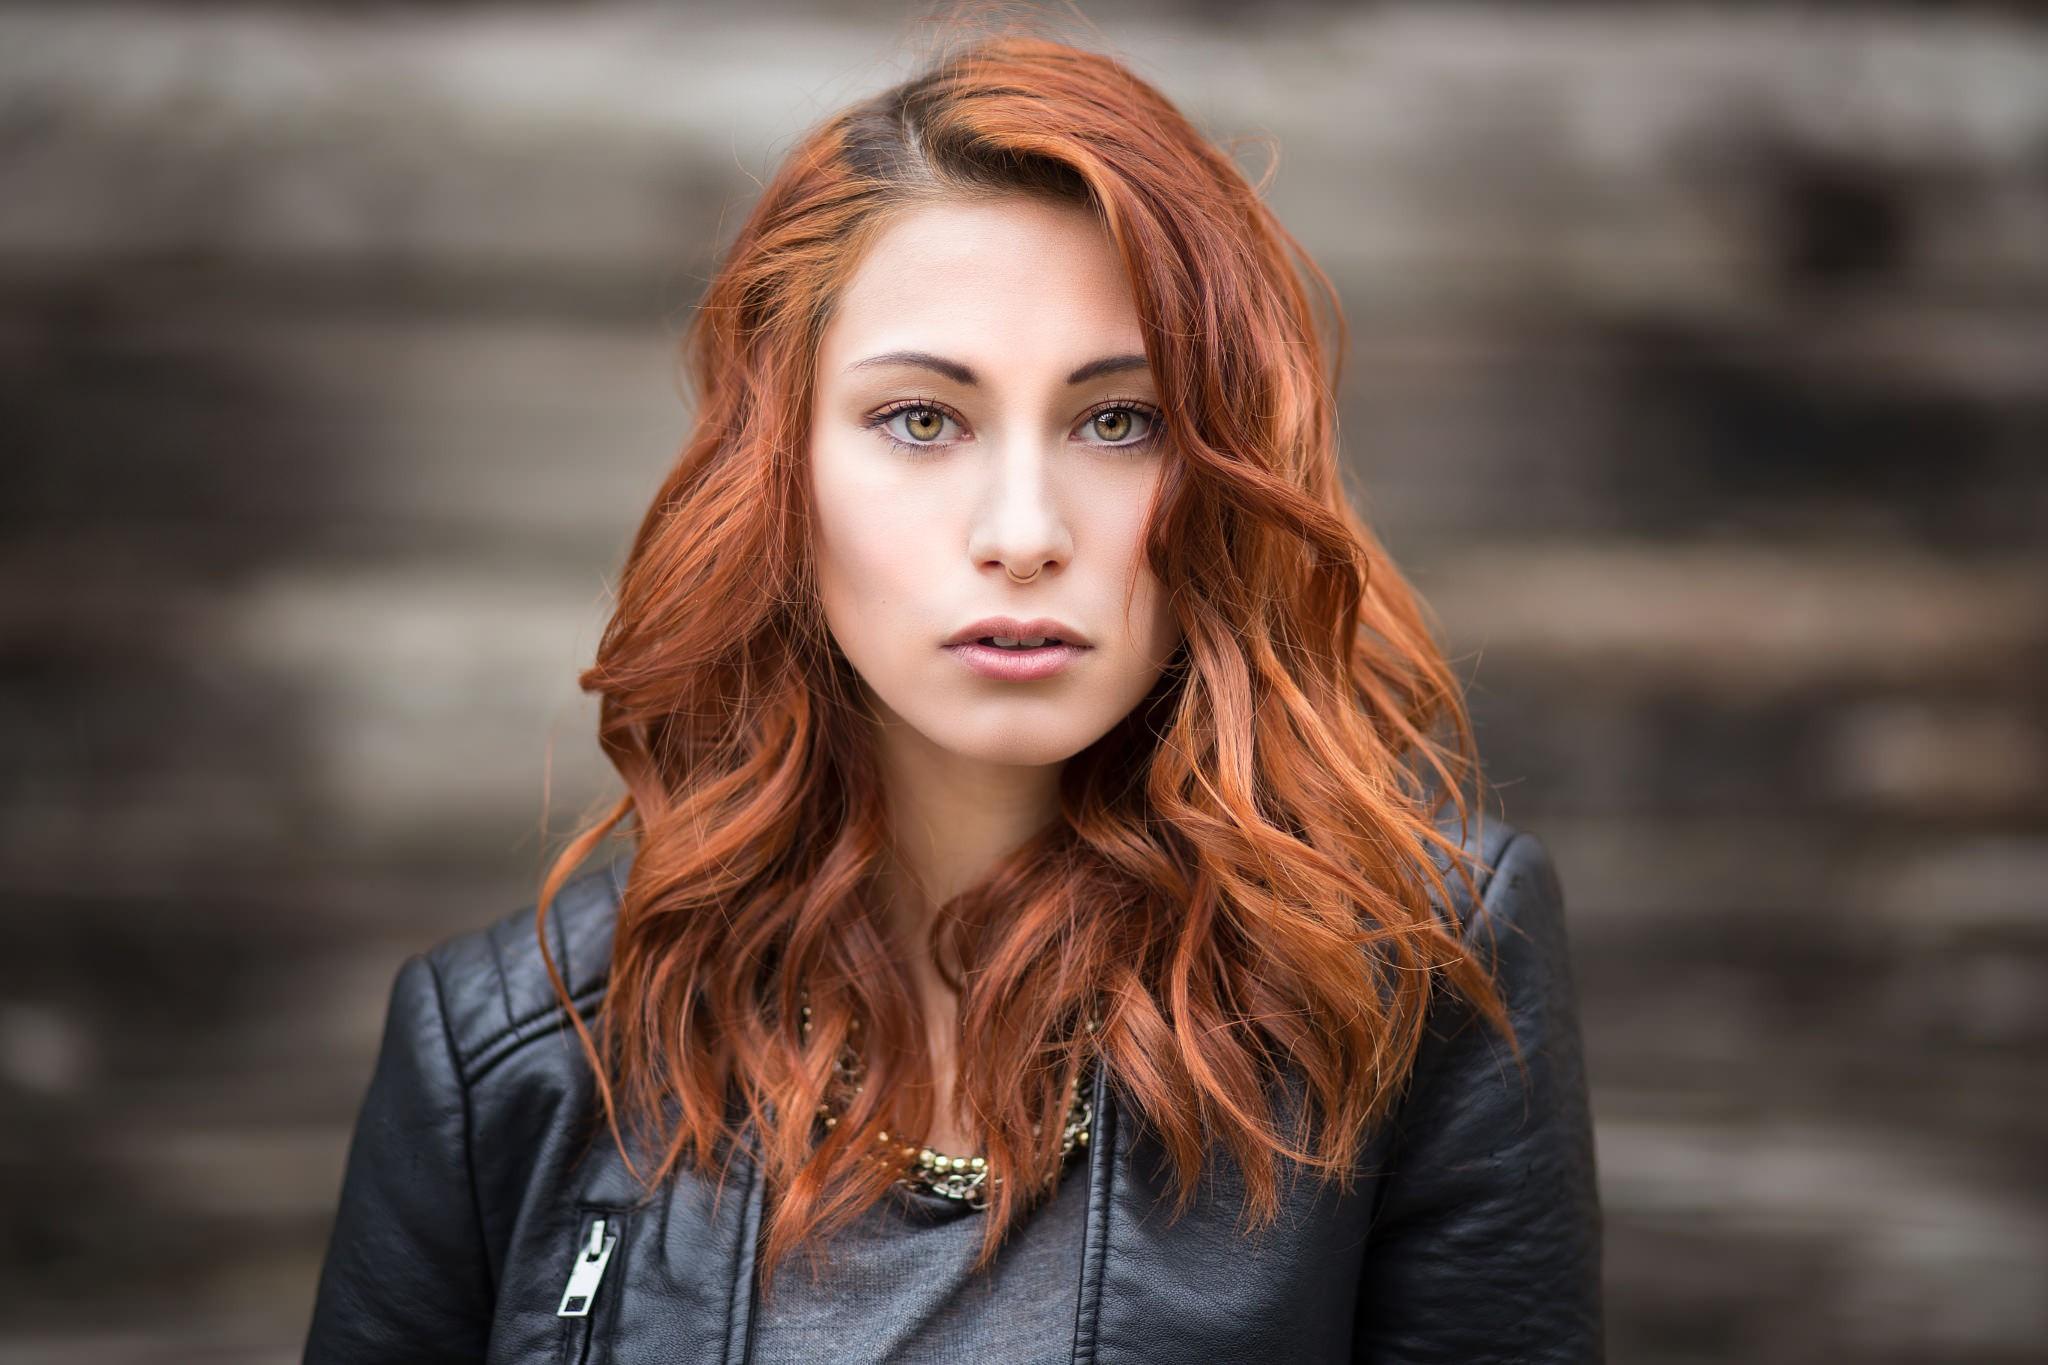 Victoria Ryzhevolosaya Background